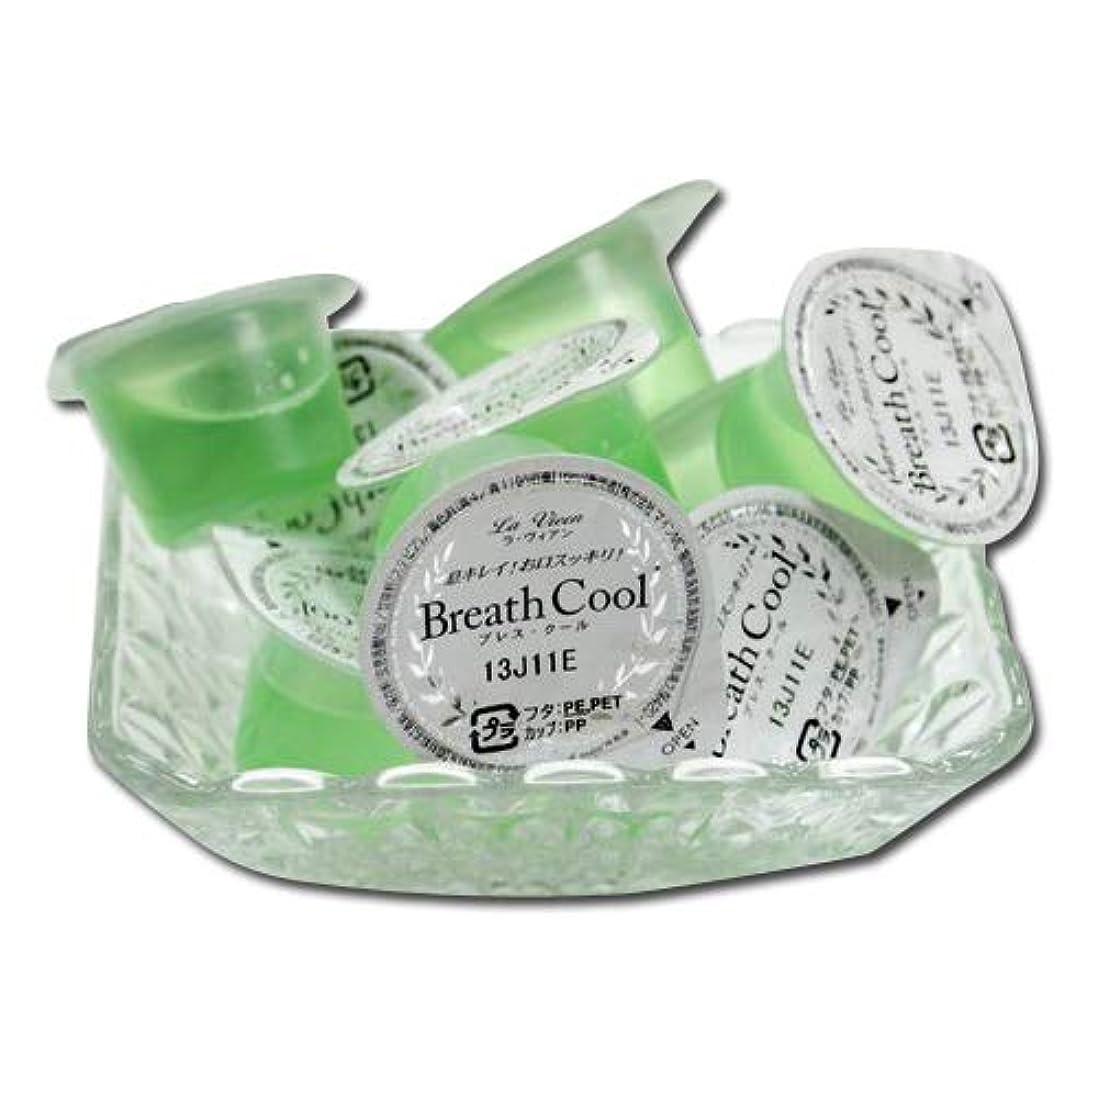 療法提供関連するマウスウォッシュ ラヴィアン ブレスクール 16ml×25個セット│使い切りカップ 口臭予防 オーラルケア 使い捨て モンダミン